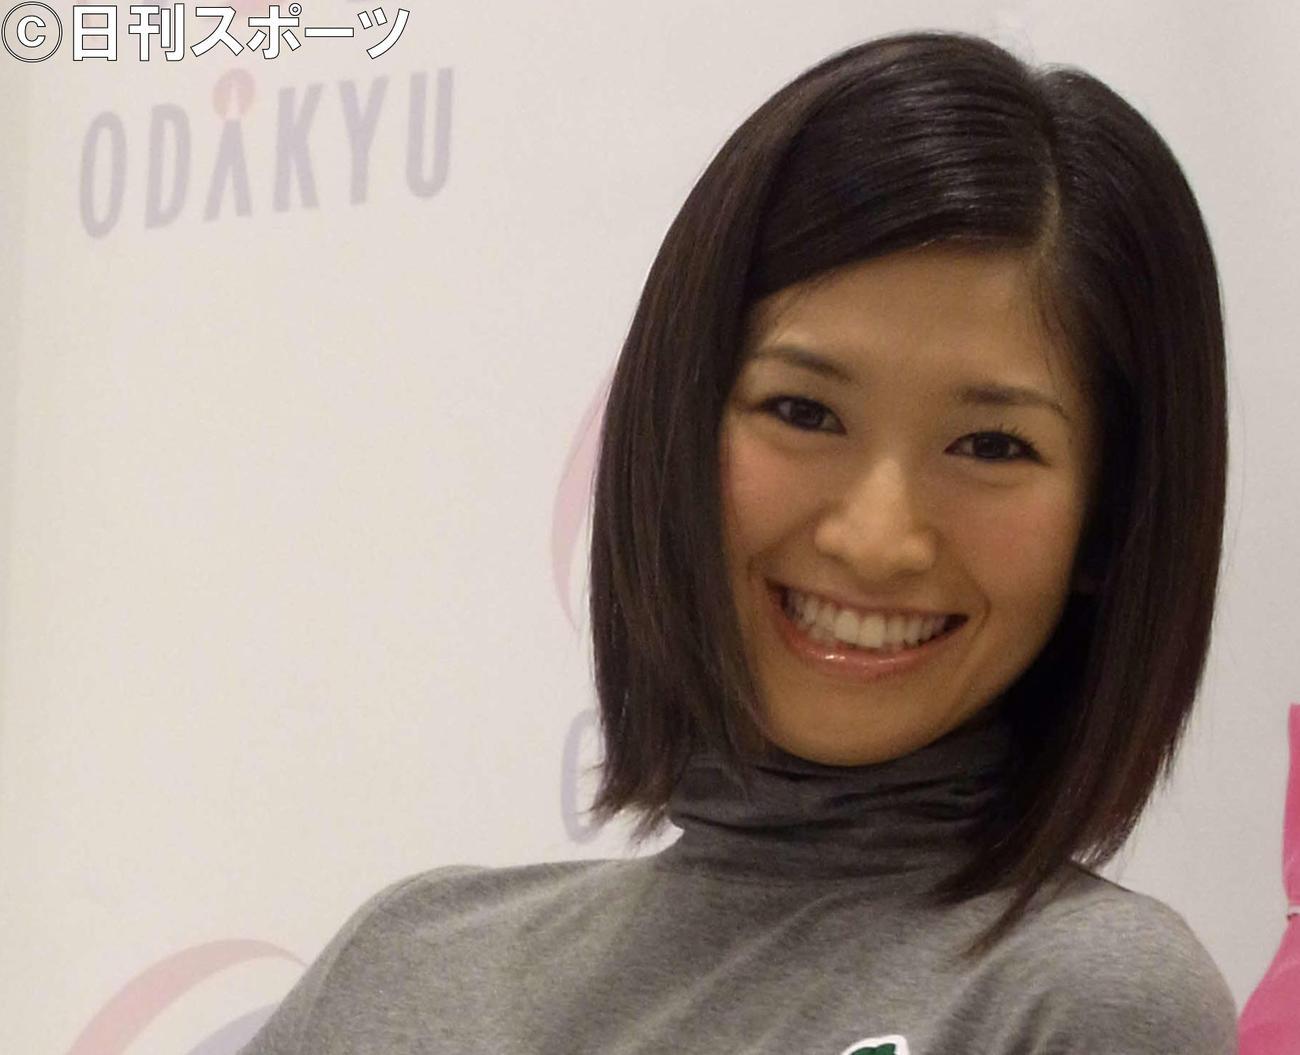 森下千里さん(2010年9月2日撮影)